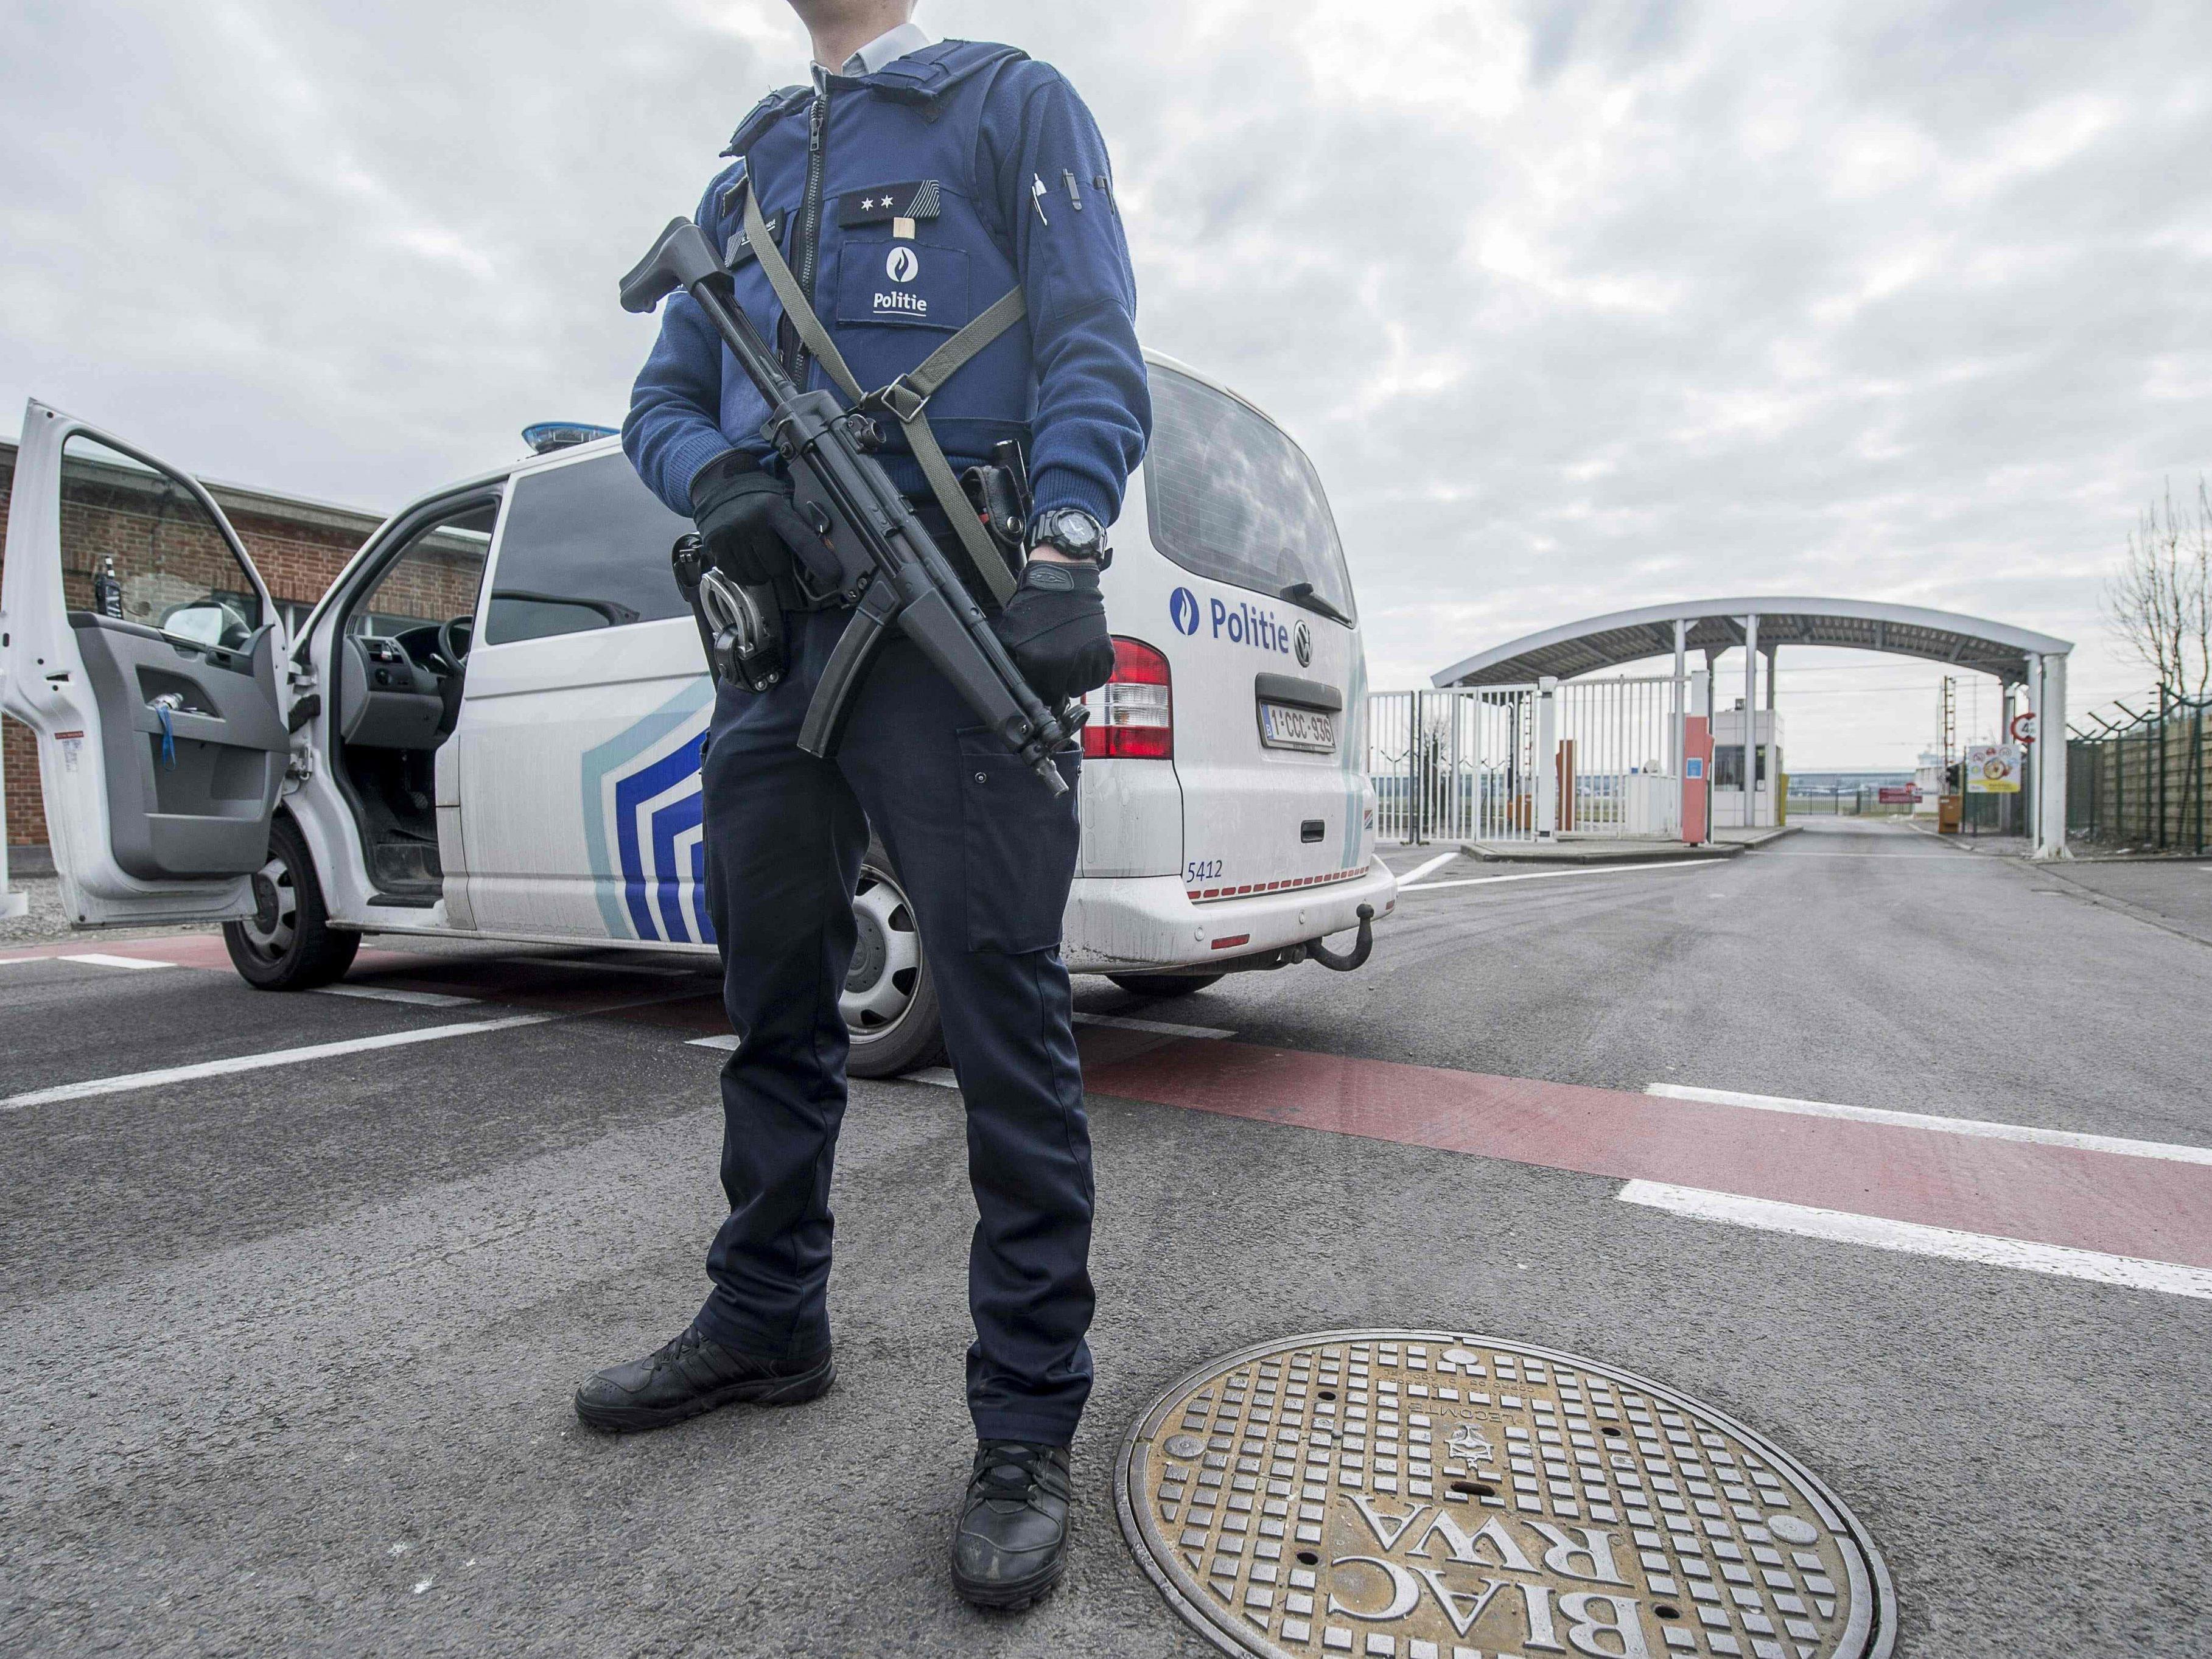 Belgien steht still: Höchste Terrorwarnstufe in Brüssel nach Anschlägen.